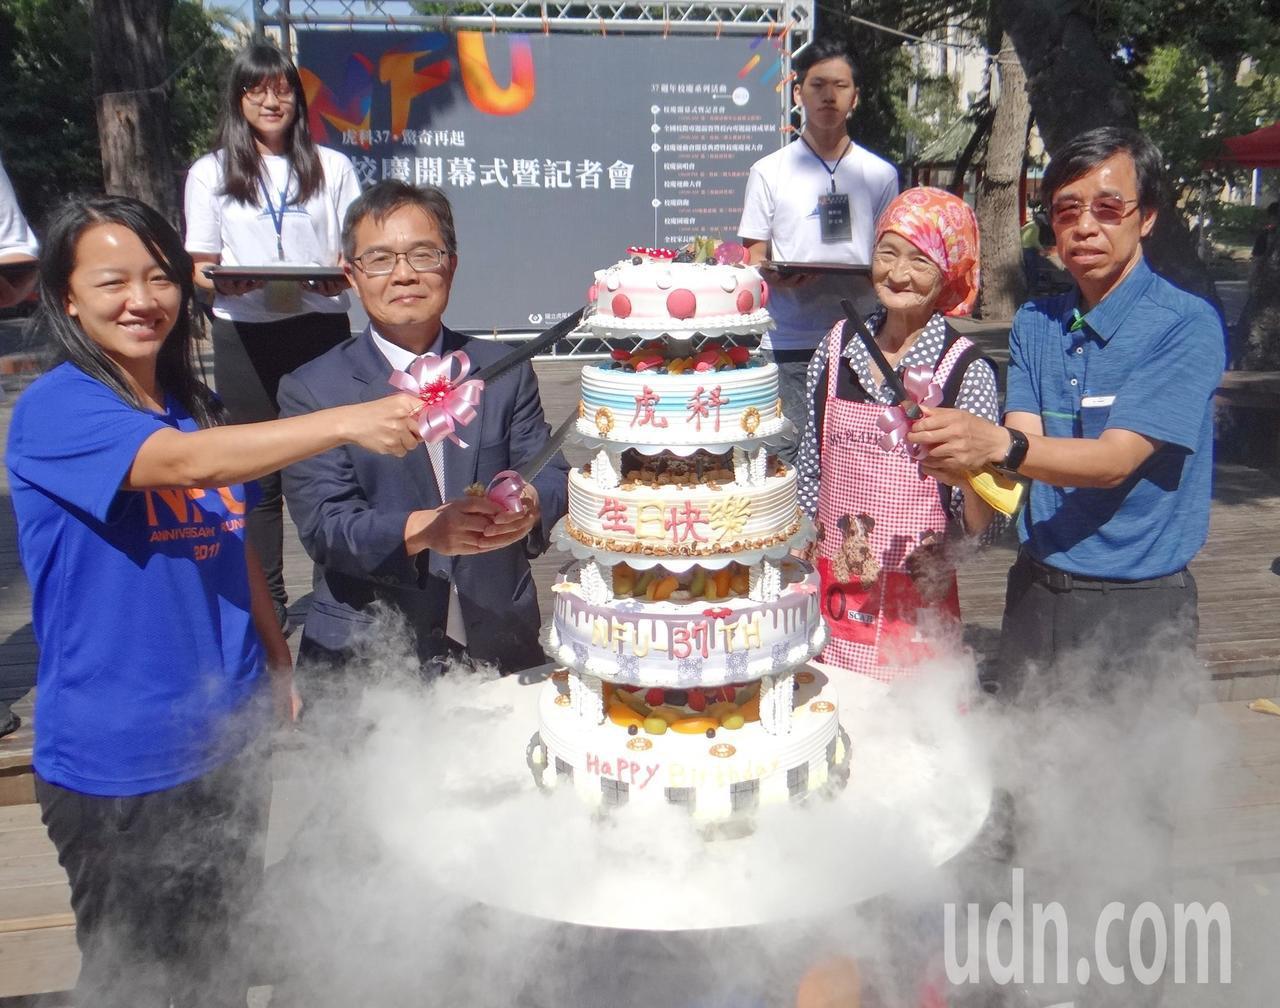 虎科婆婆受邀一切為虎科大37歲日生切下大蛋糕。記者蔡維斌/攝影